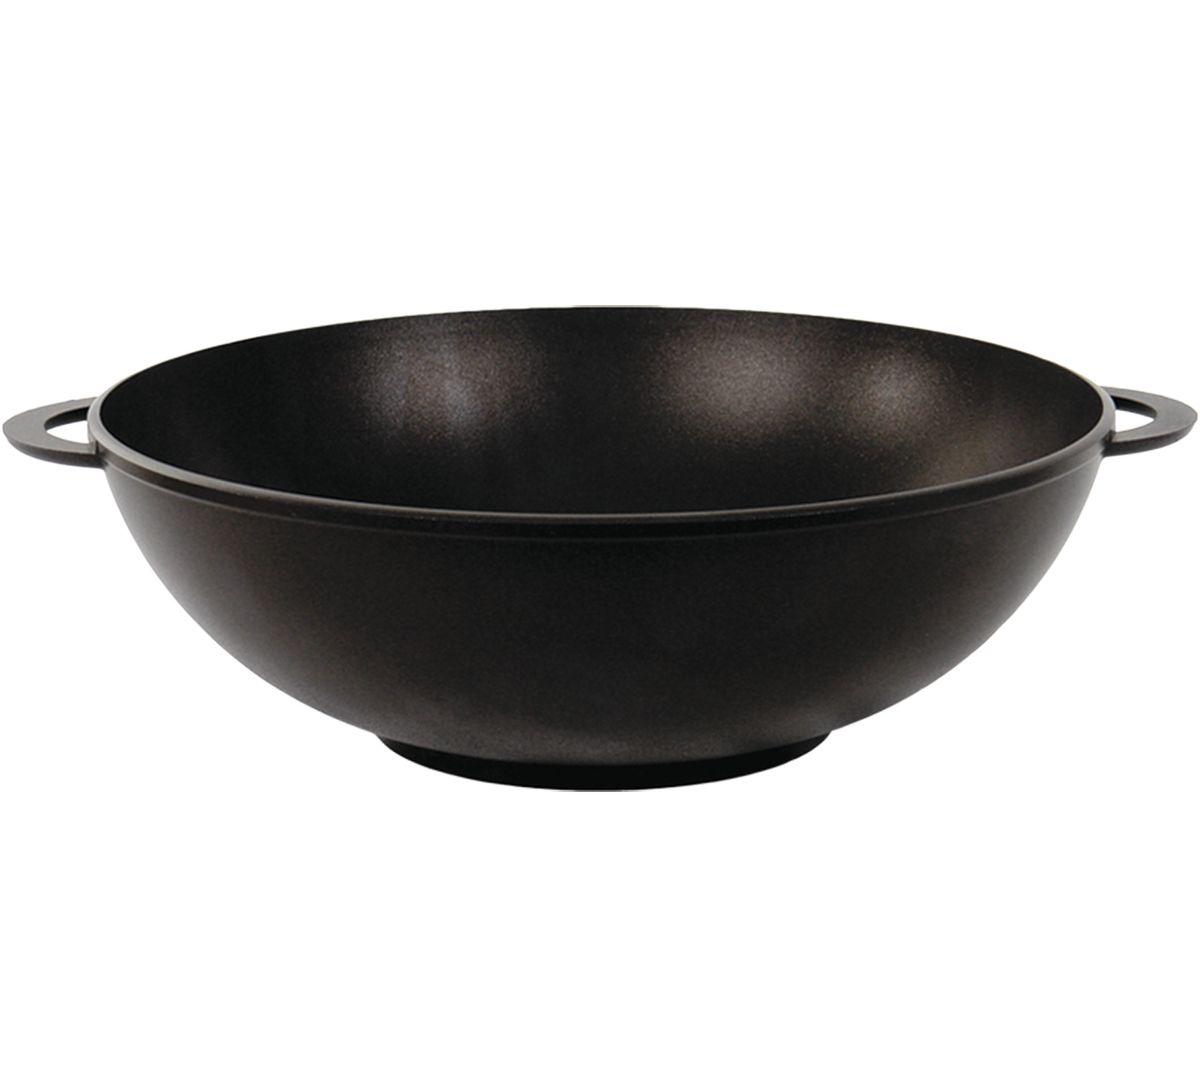 Сковорода, диаметр 32 см с двумя алюминиевыми ручками без крышки (Wok) БИОЛ3203П